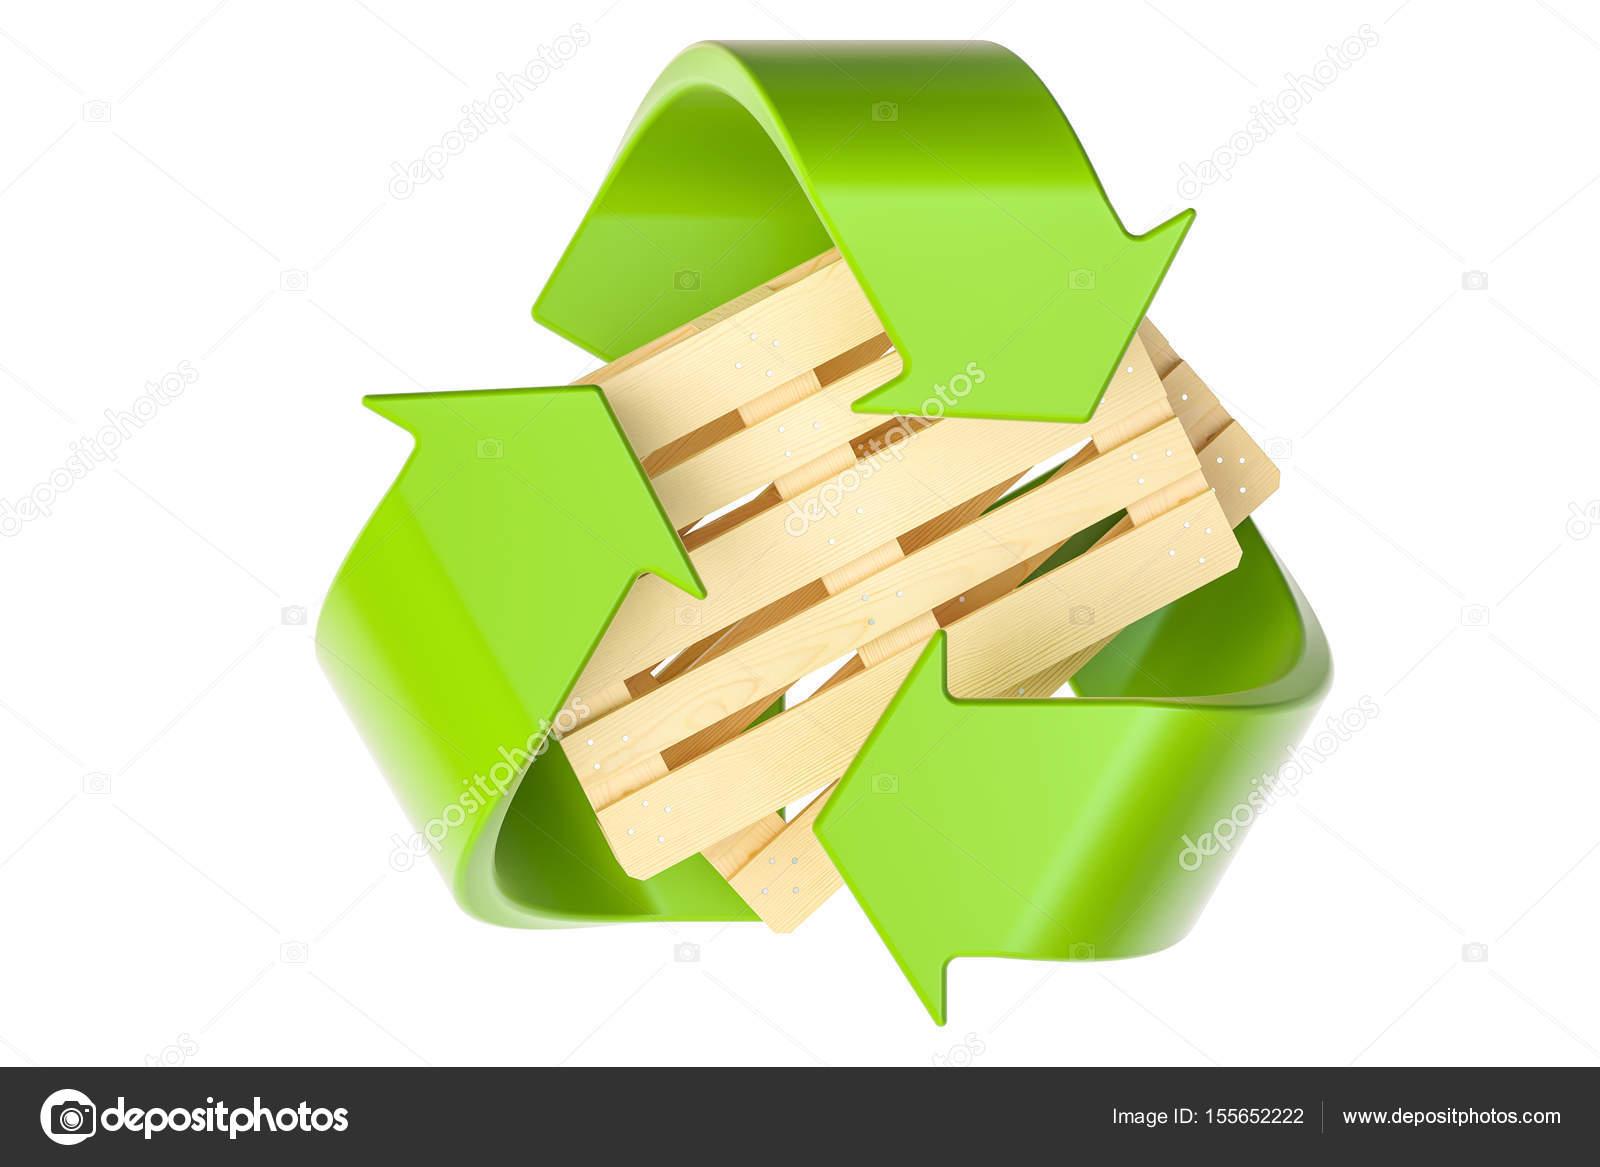 Paletes de madeira com s mbolo de reciclagem renderiza o - Reciclaje de la madera ...